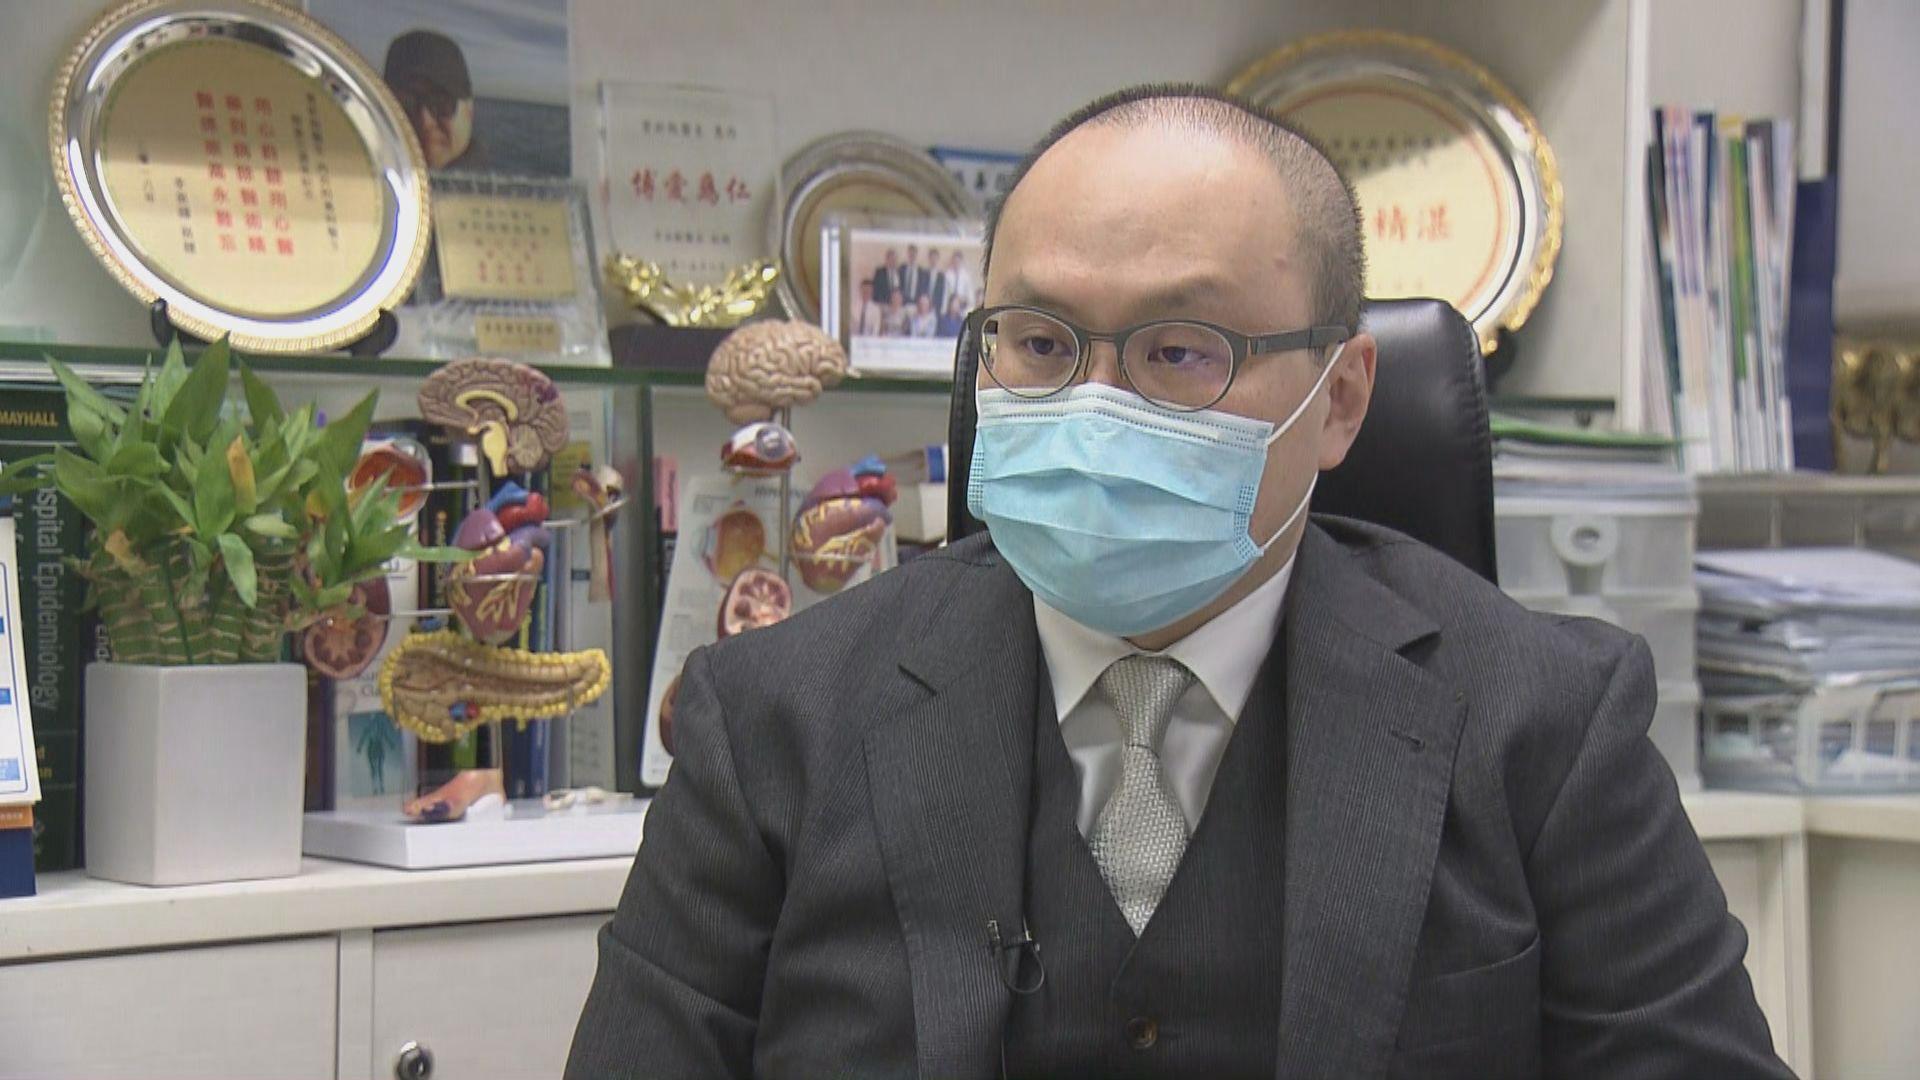 傳染病專科醫生指口罩不宜重用